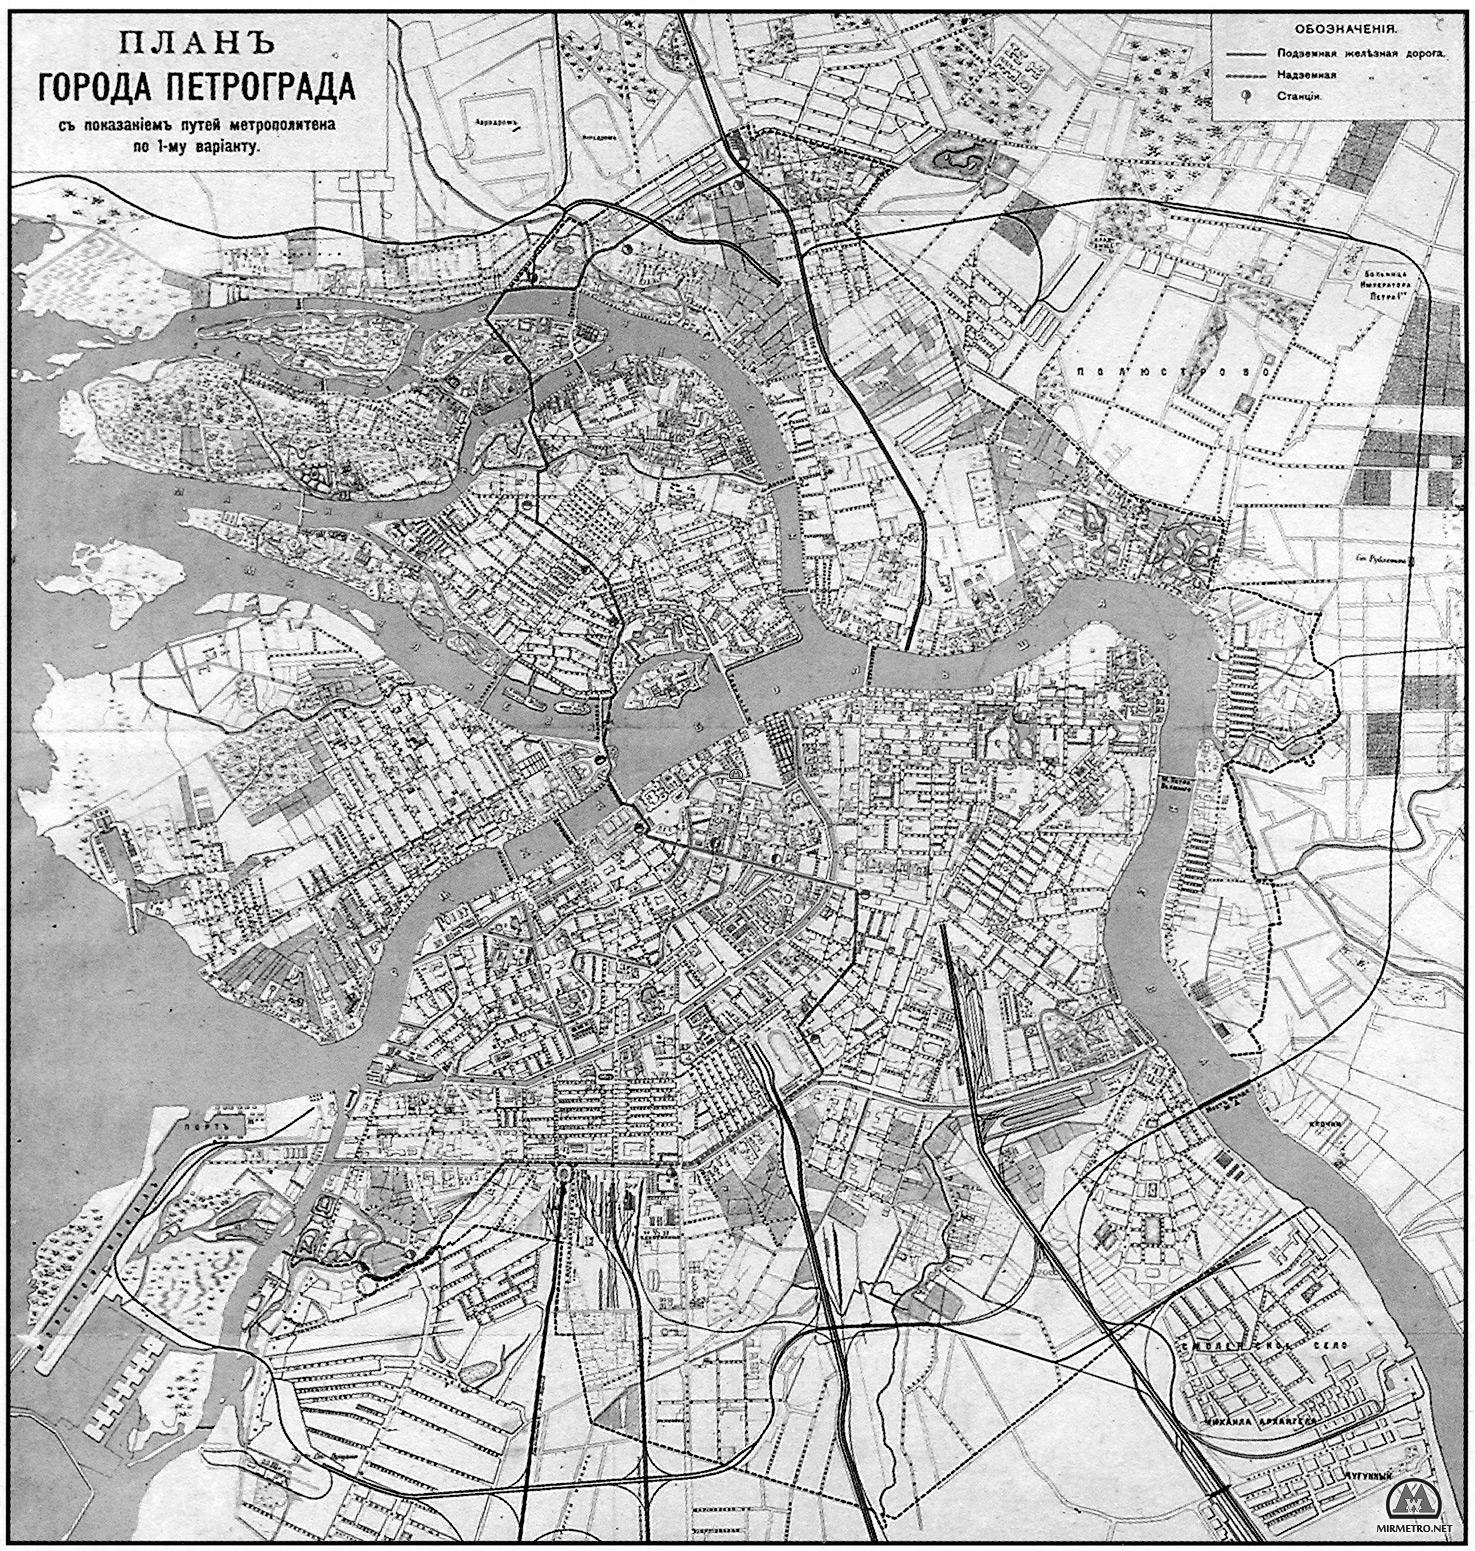 схема метро казани на 2013 год